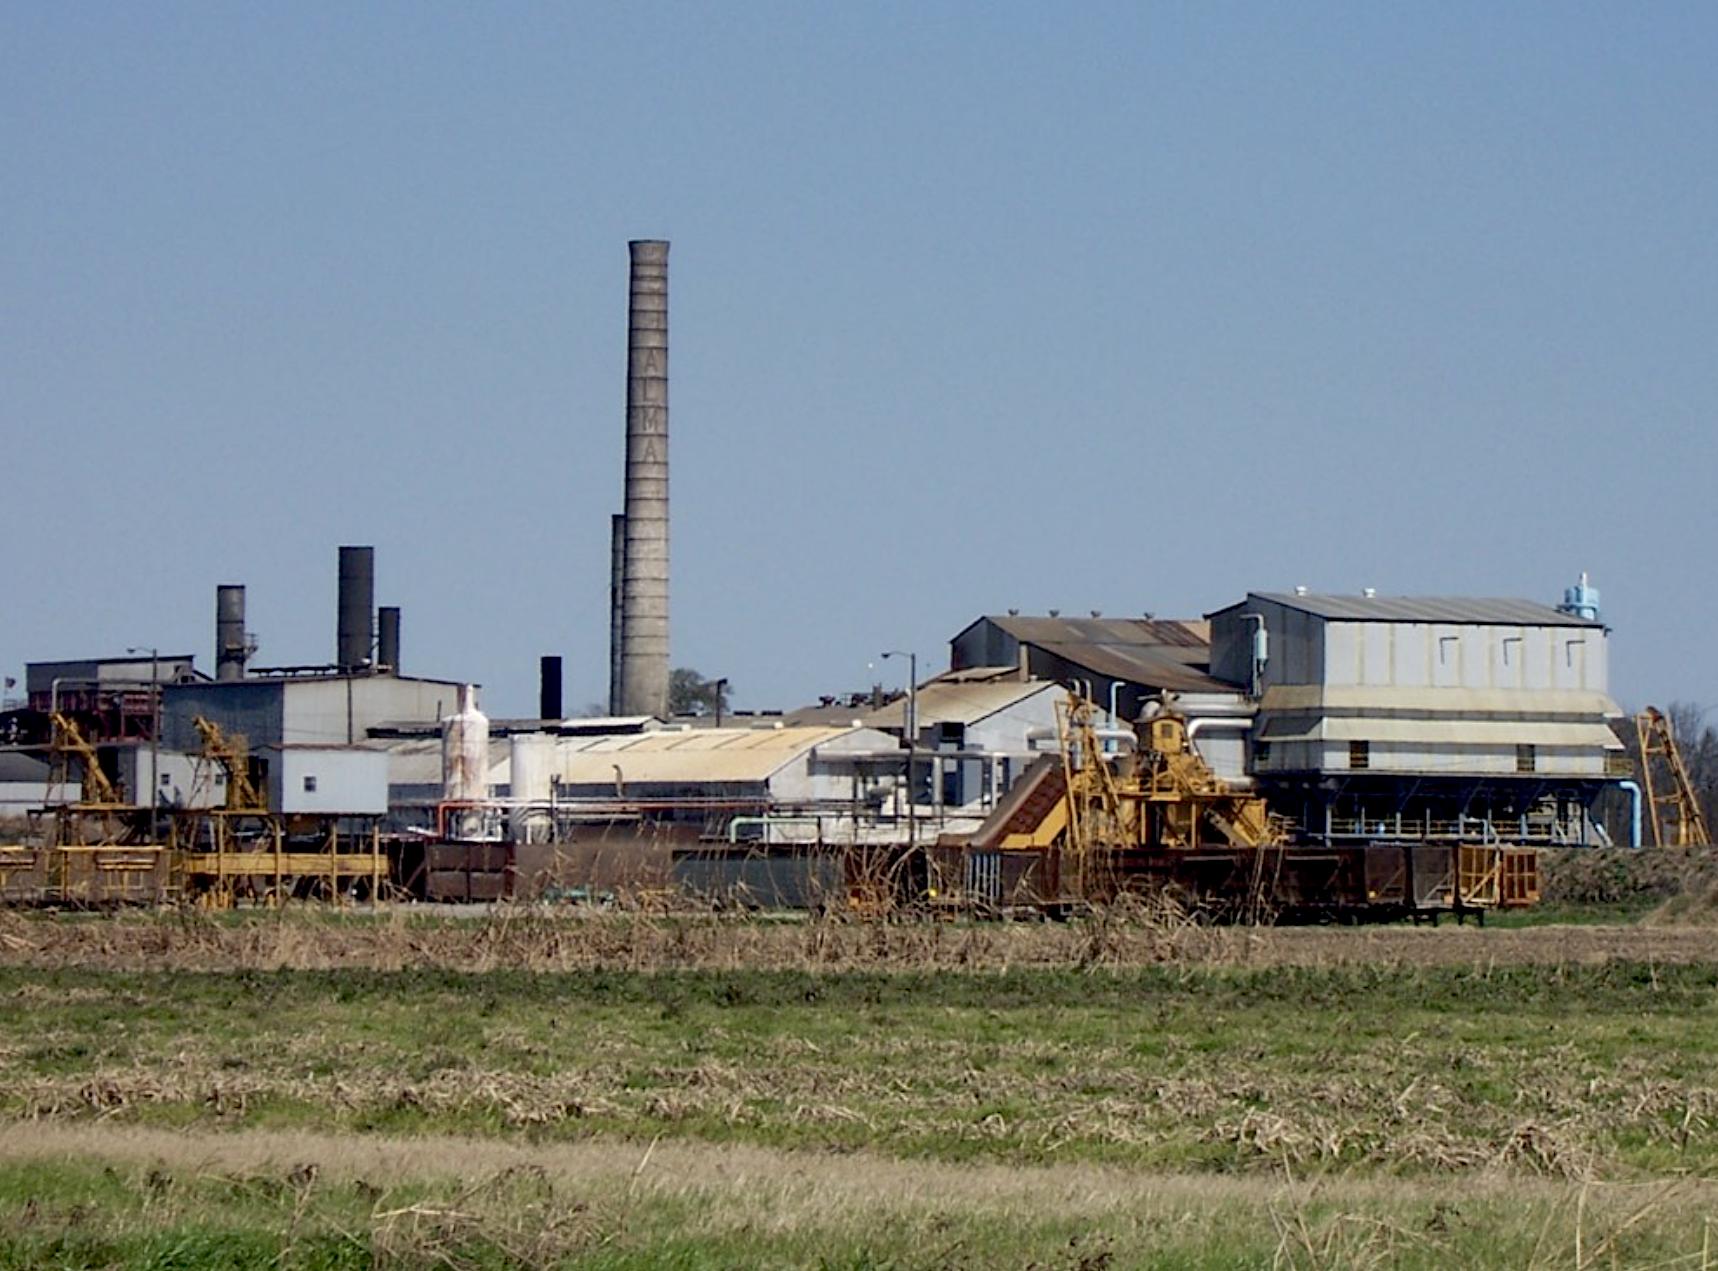 The Alma Sugar Plantation in southeastern Pointe Coupee Parish